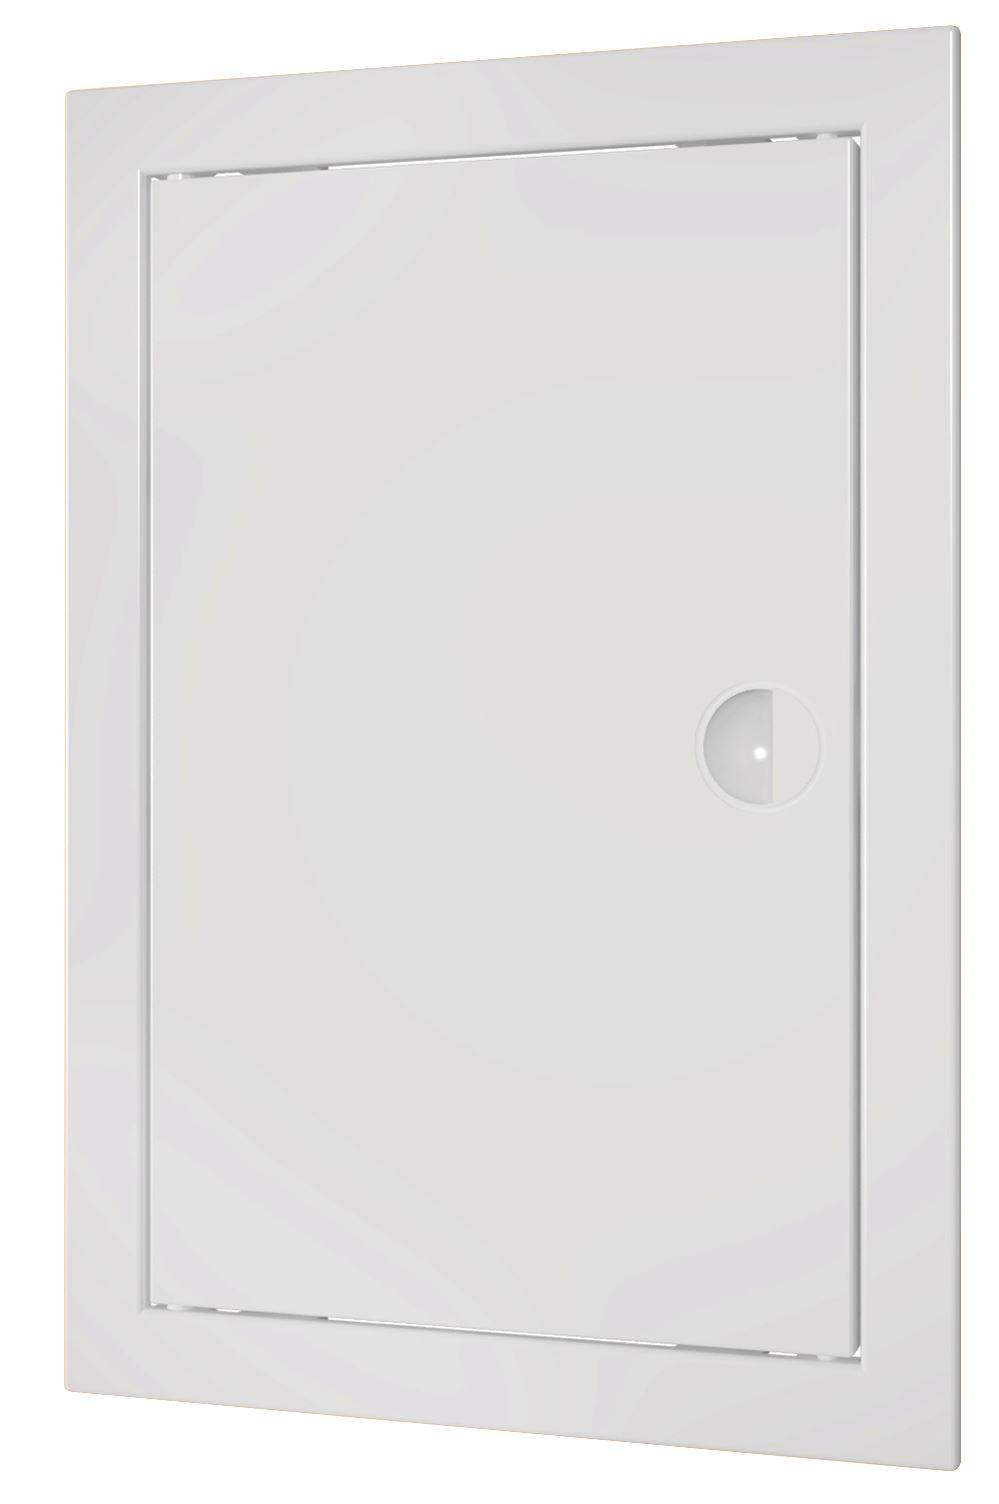 Porte dacc/ès 200x250mm panneaux dacc/ès inspection de trappe abs plastique de haute qualit/é